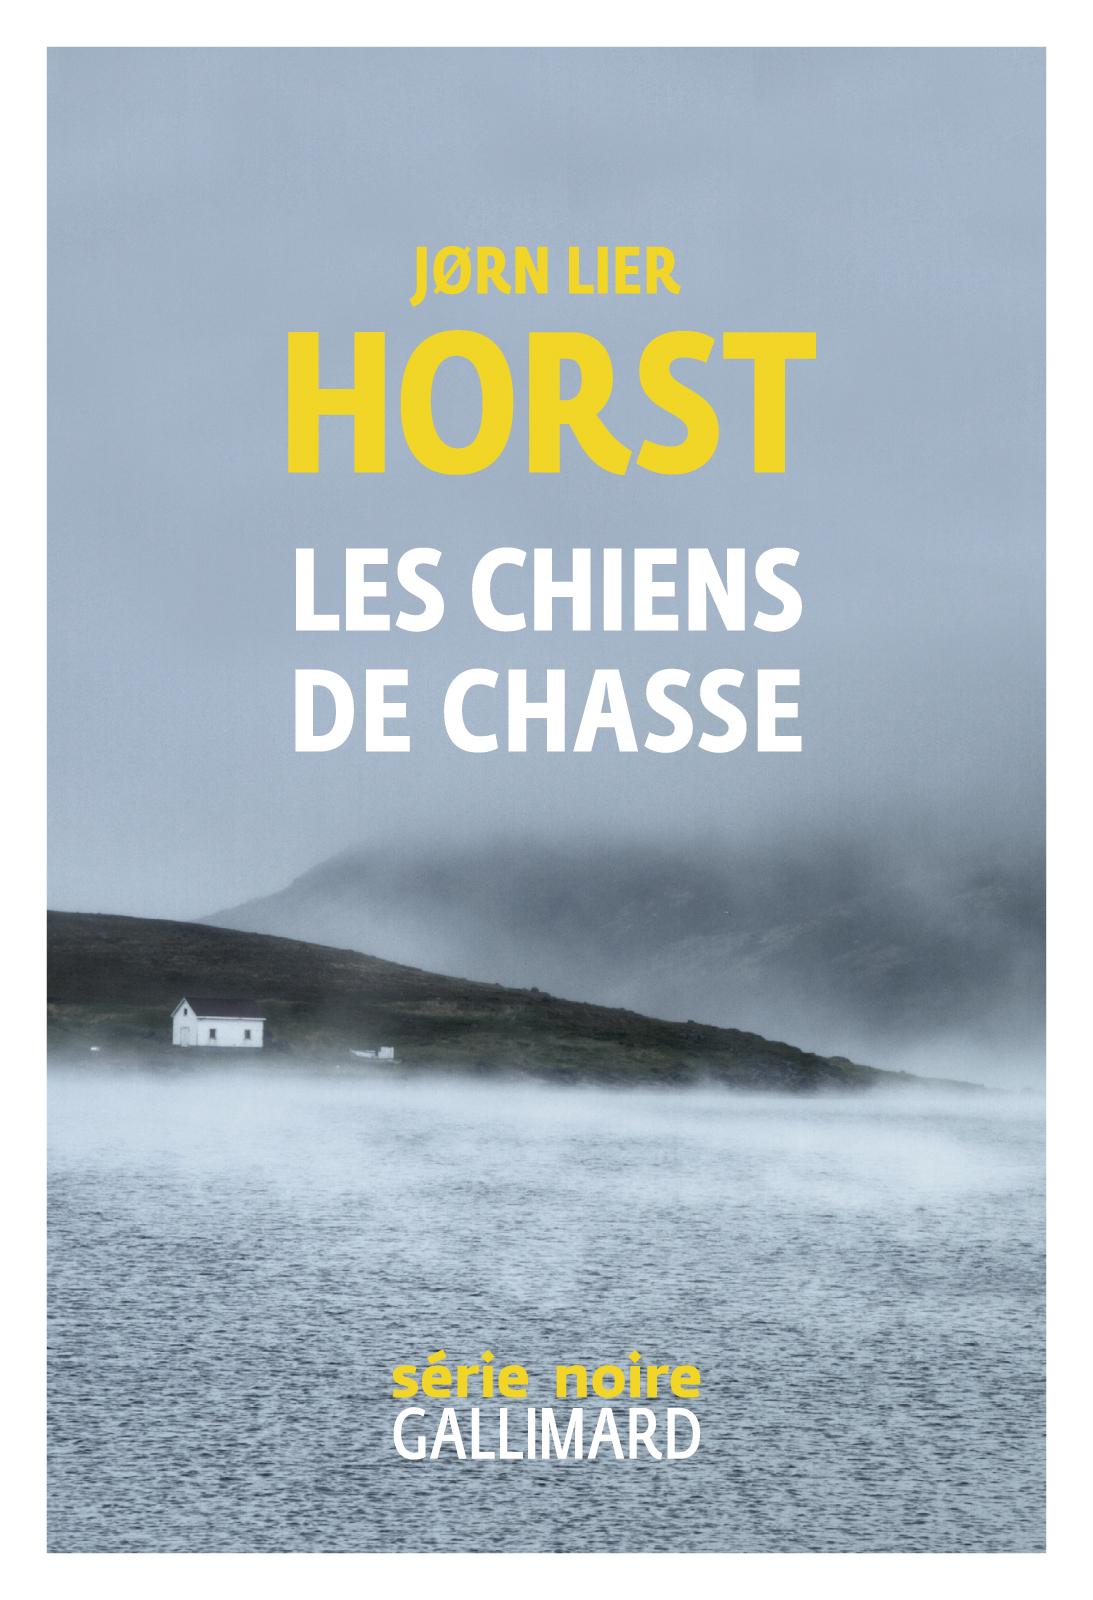 Les chiens de chasse   Horst, Jorn Lier